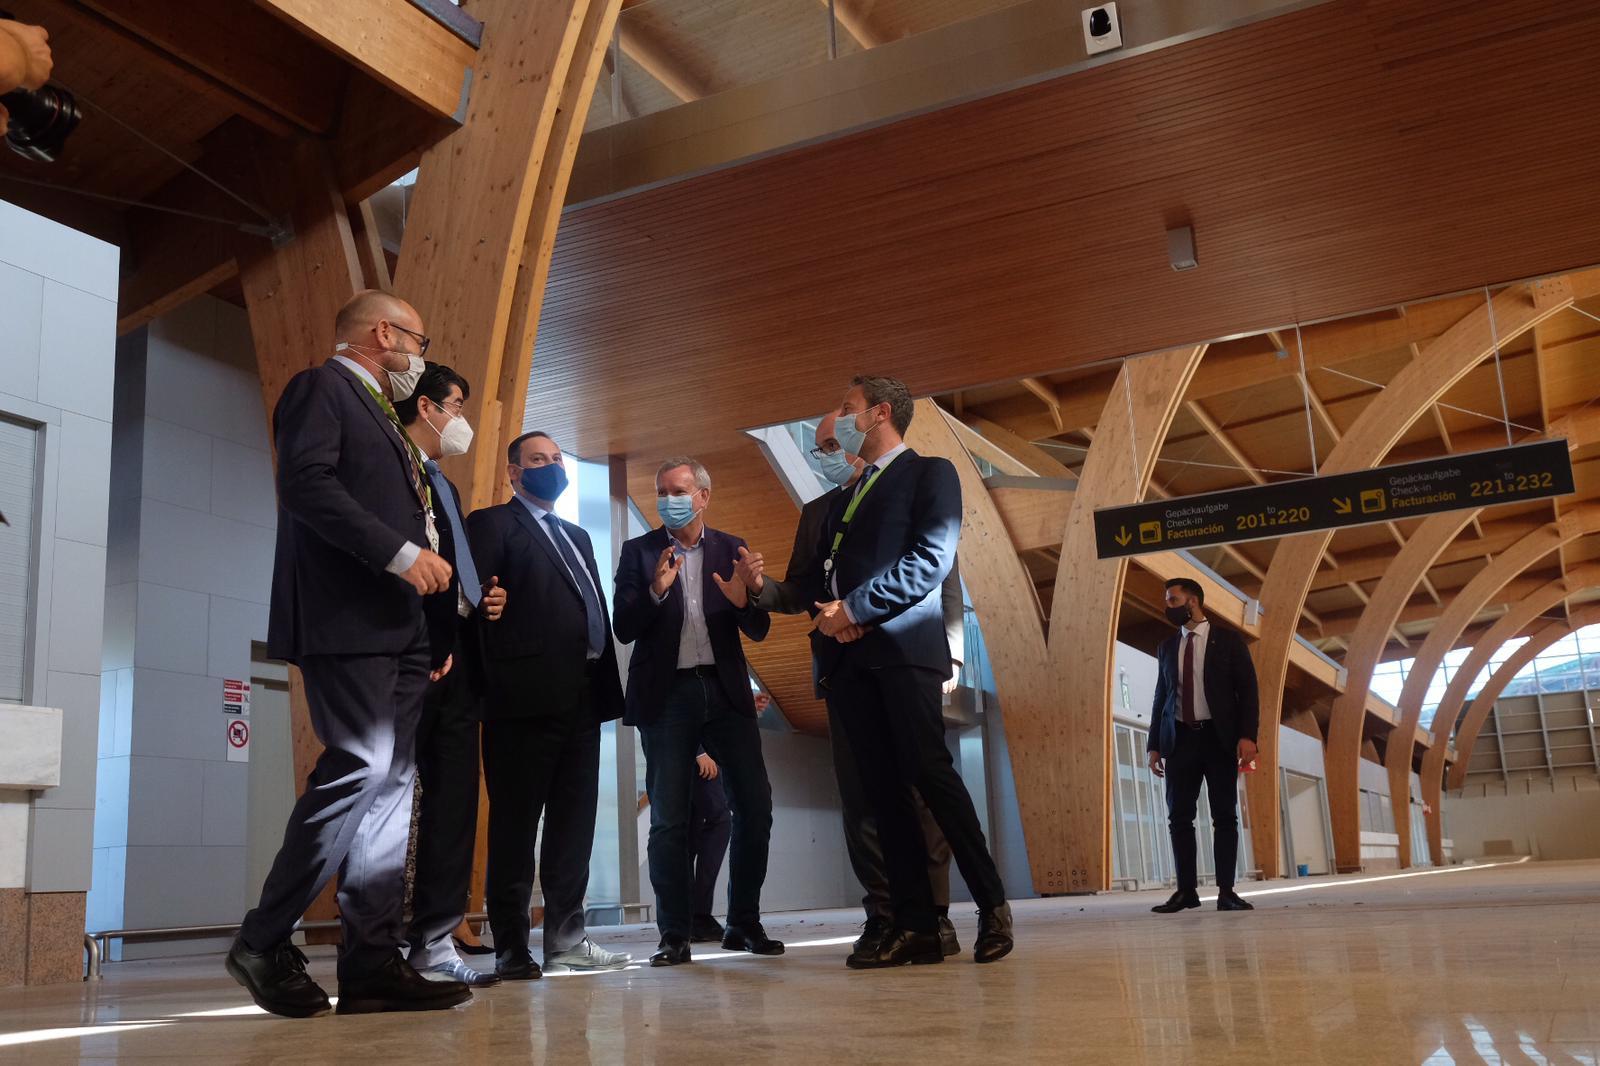 Visita de Ábalos a las obras de ampliación del aeropuerto Tenerife Sur. | Fran Pallero